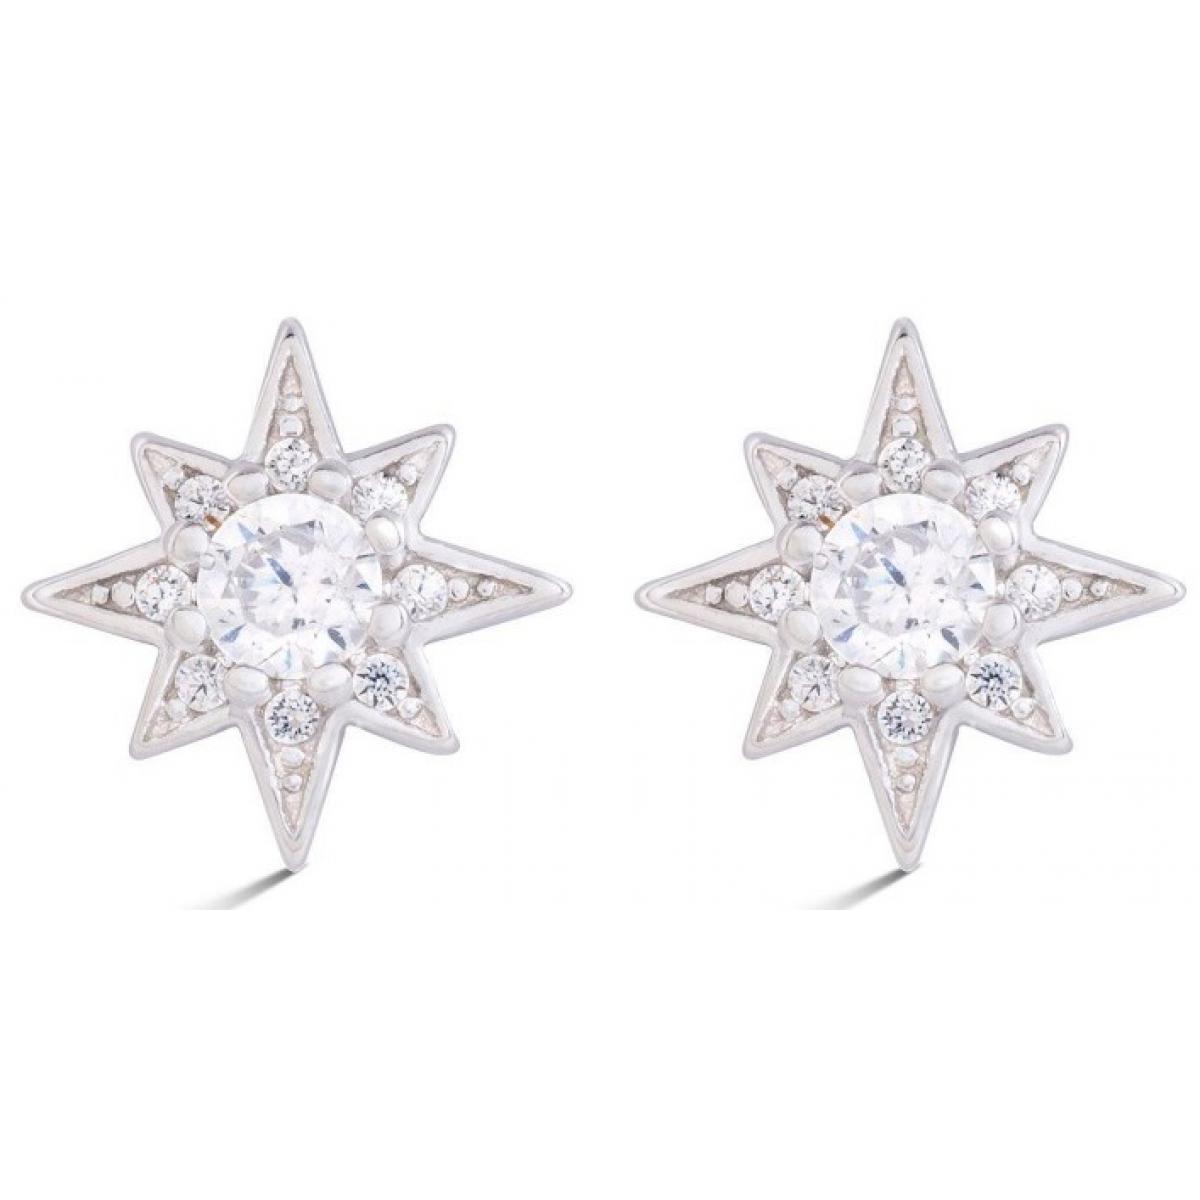 Boucles d'oreilles Luxenter EH13100 - Boucles d'oreilles MYSNIGHT Argentées Serties Femme